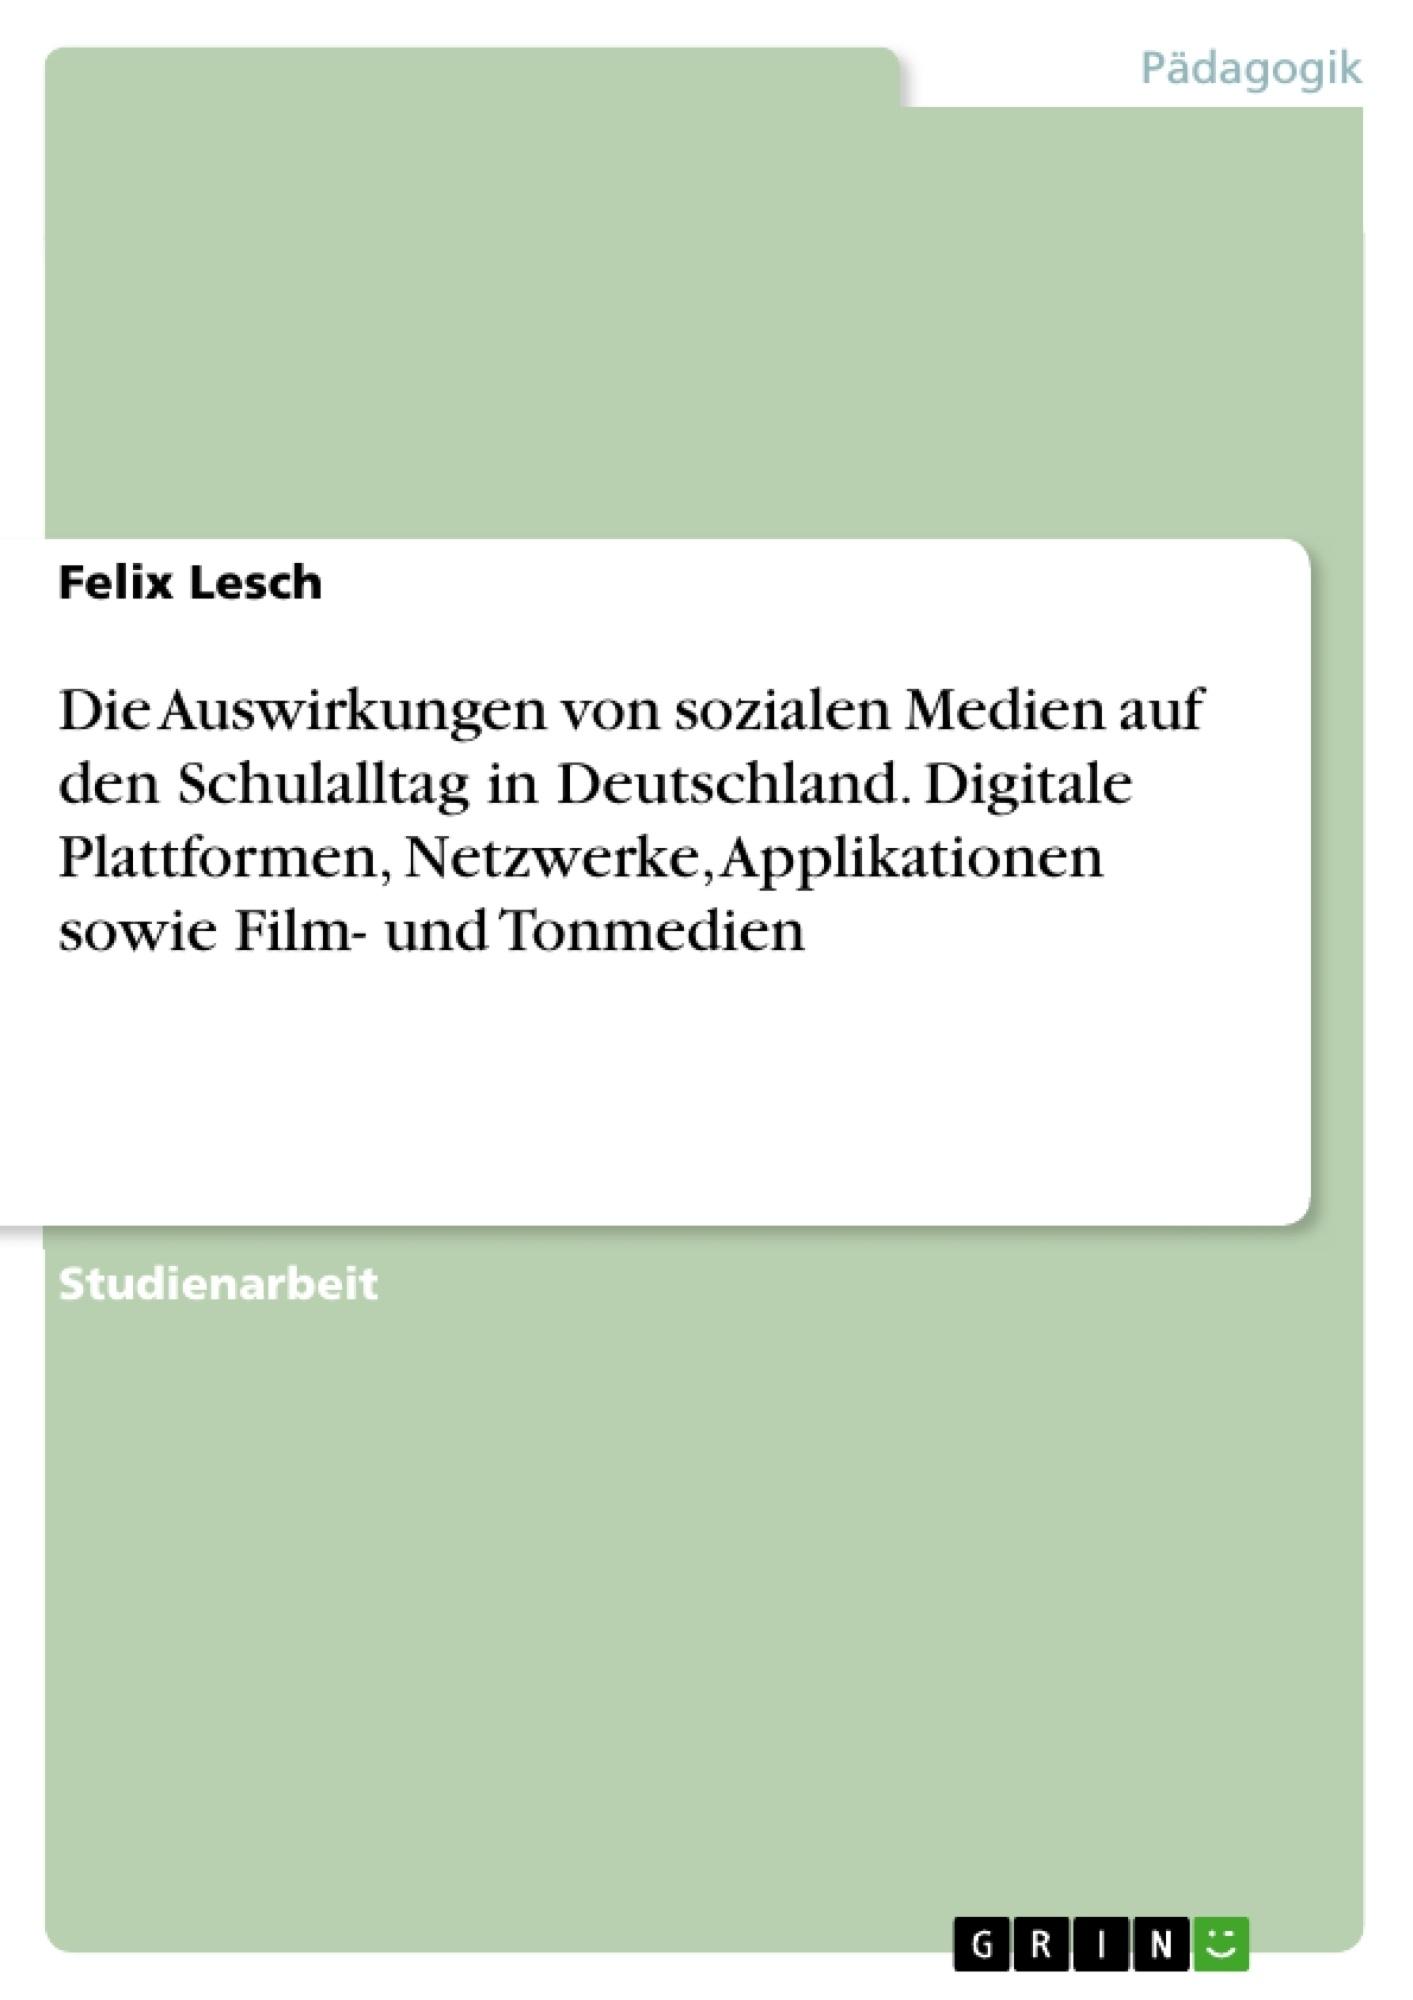 Titel: Die Auswirkungen von sozialen Medien auf den Schulalltag in Deutschland. Digitale Plattformen, Netzwerke, Applikationen sowie Film- und Tonmedien